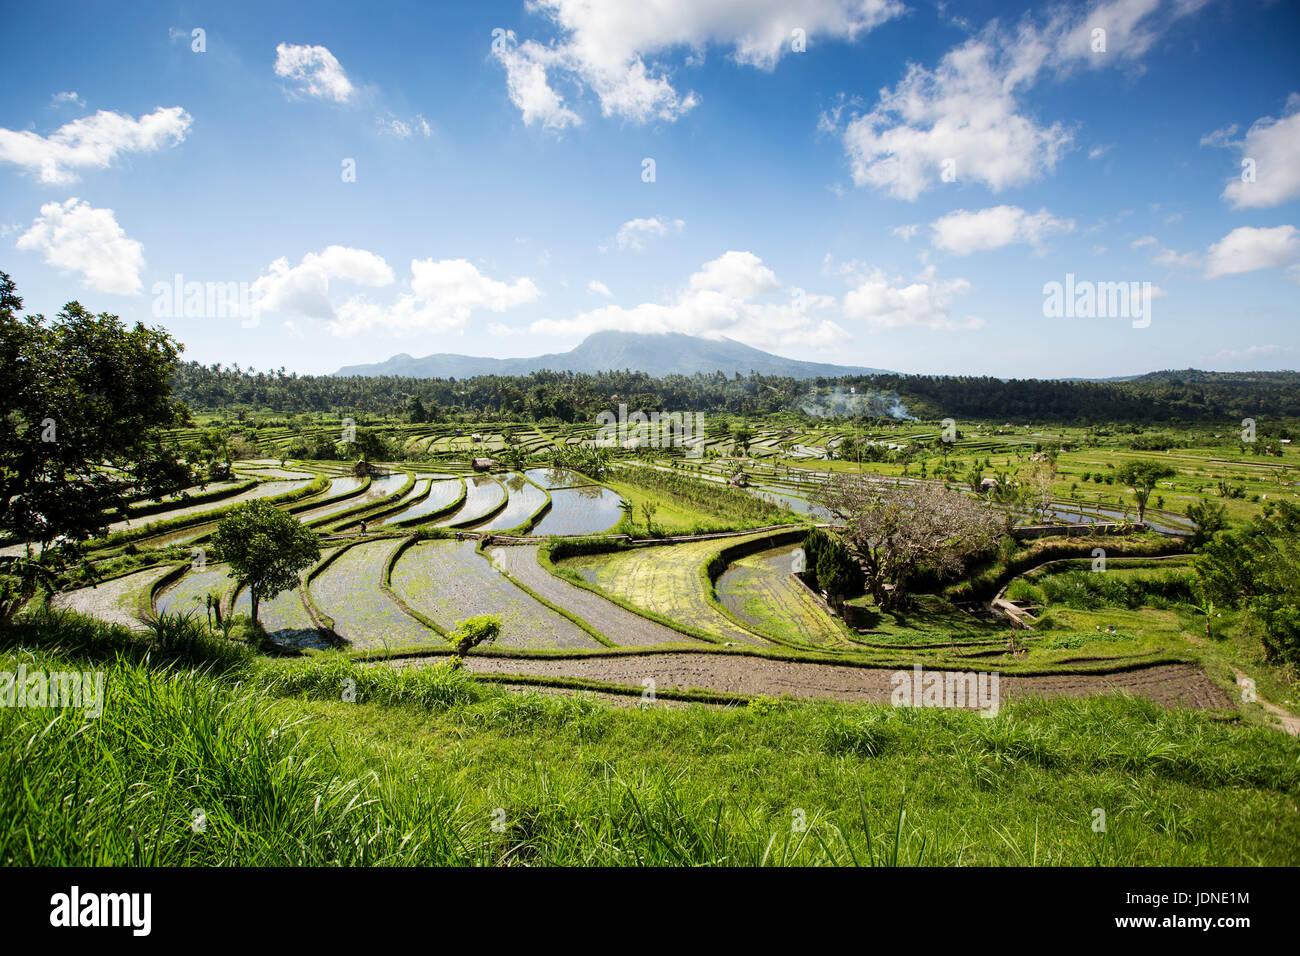 La risaia terrazze a Bali settentrionale nei pressi di Ubud con mount agung in background Immagini Stock